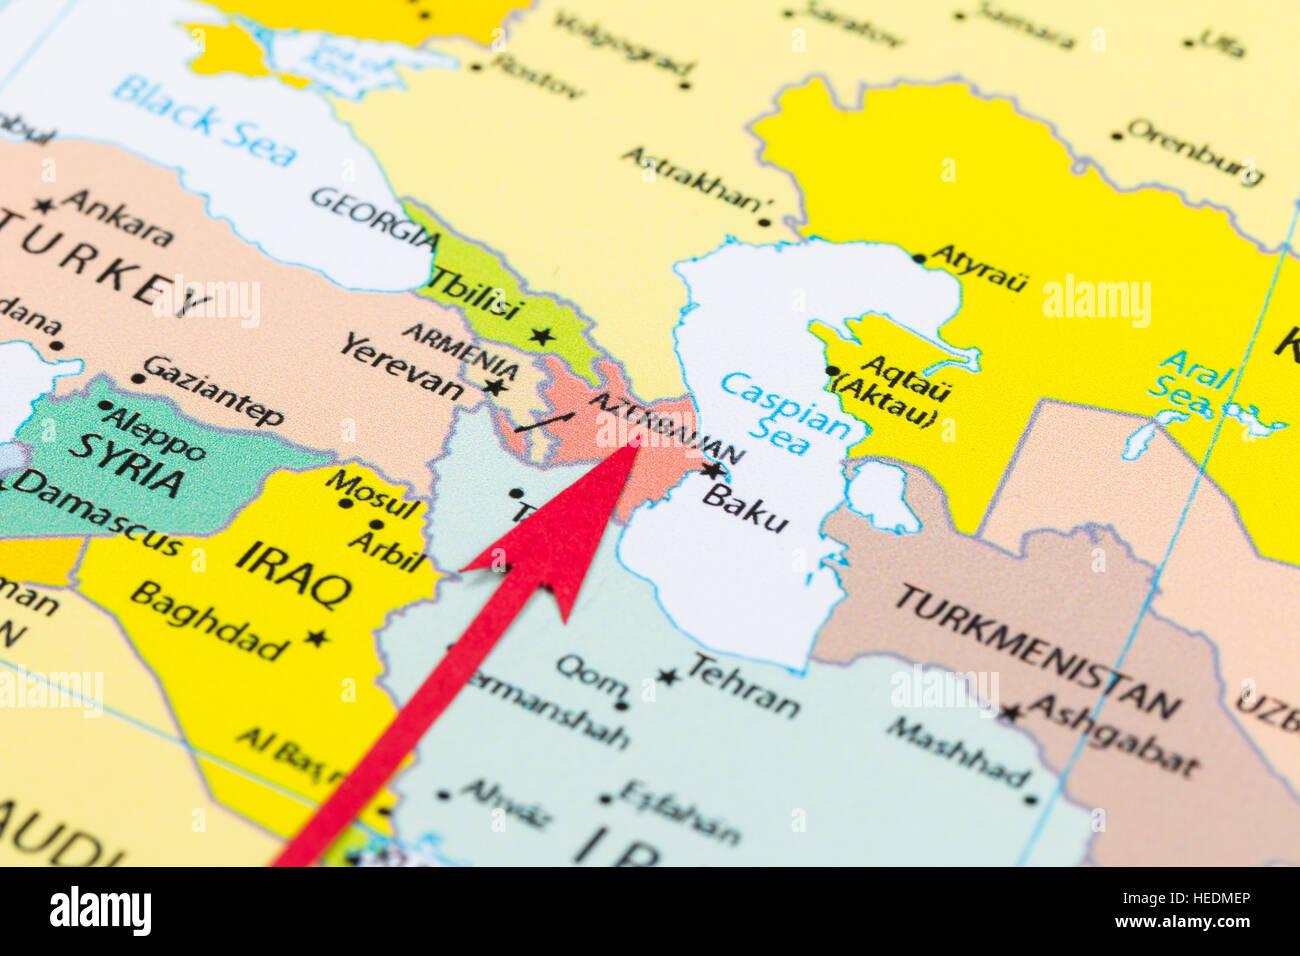 Roten Pfeil Auf Der Karte Von Asien Kontinent Aserbaidschan Stockfotografie Alamy